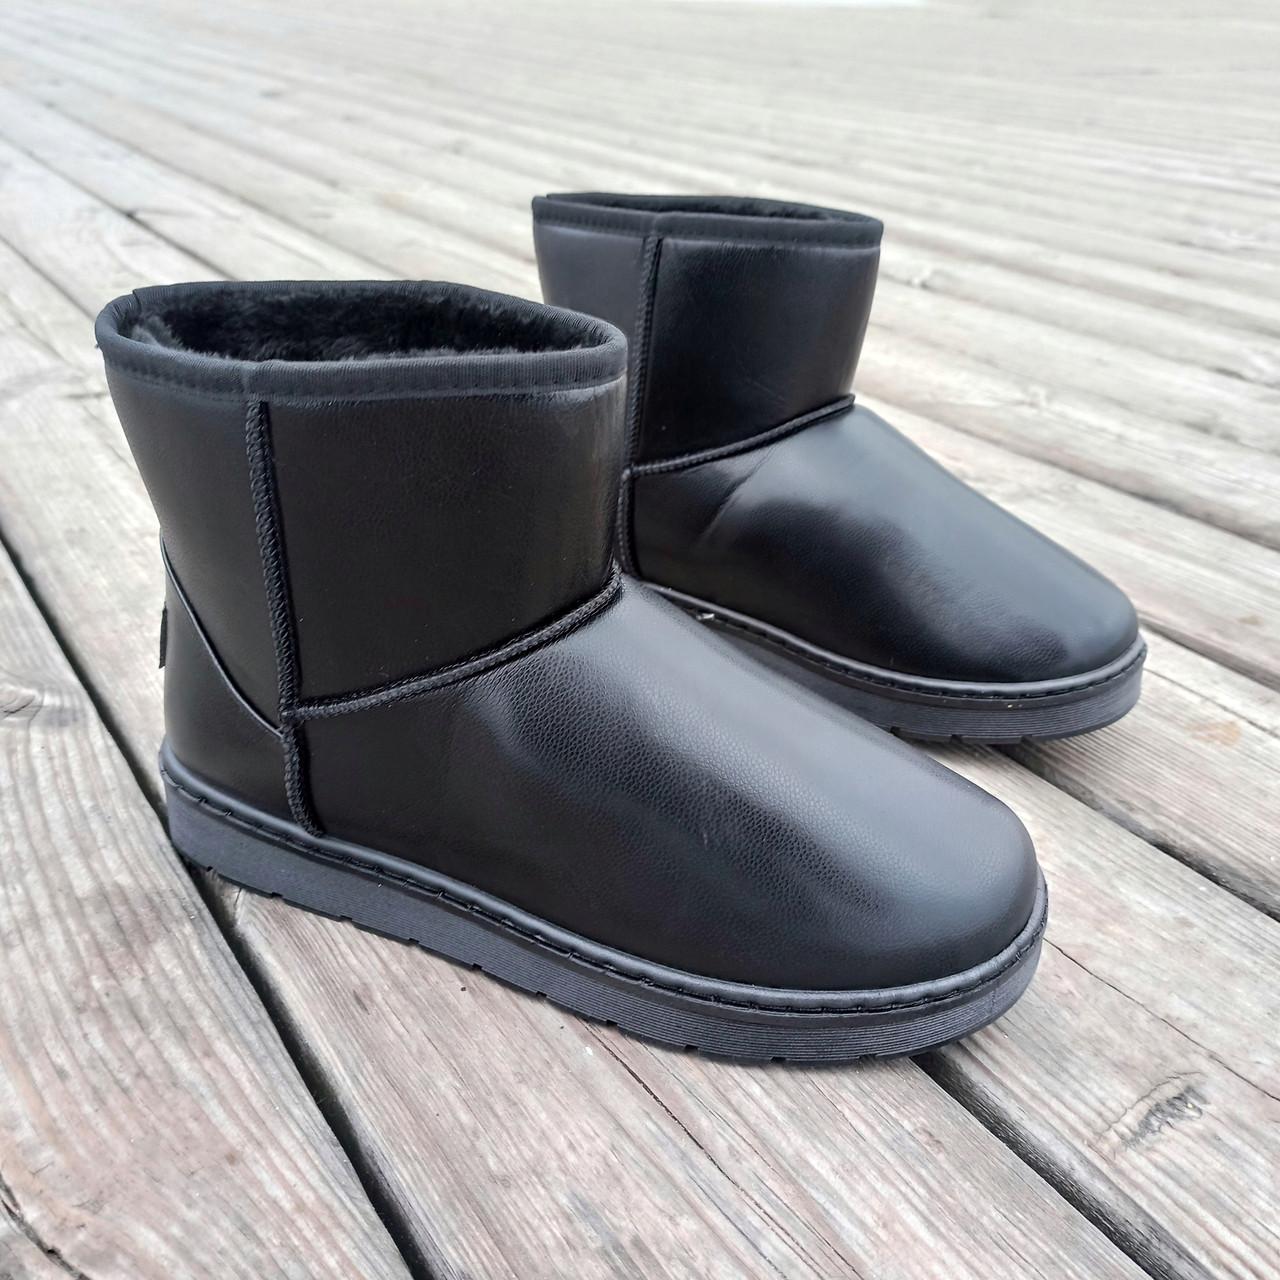 Угги черные мужские UGG эко кожа кожаные низкие короткие ботинки сапоги зимние